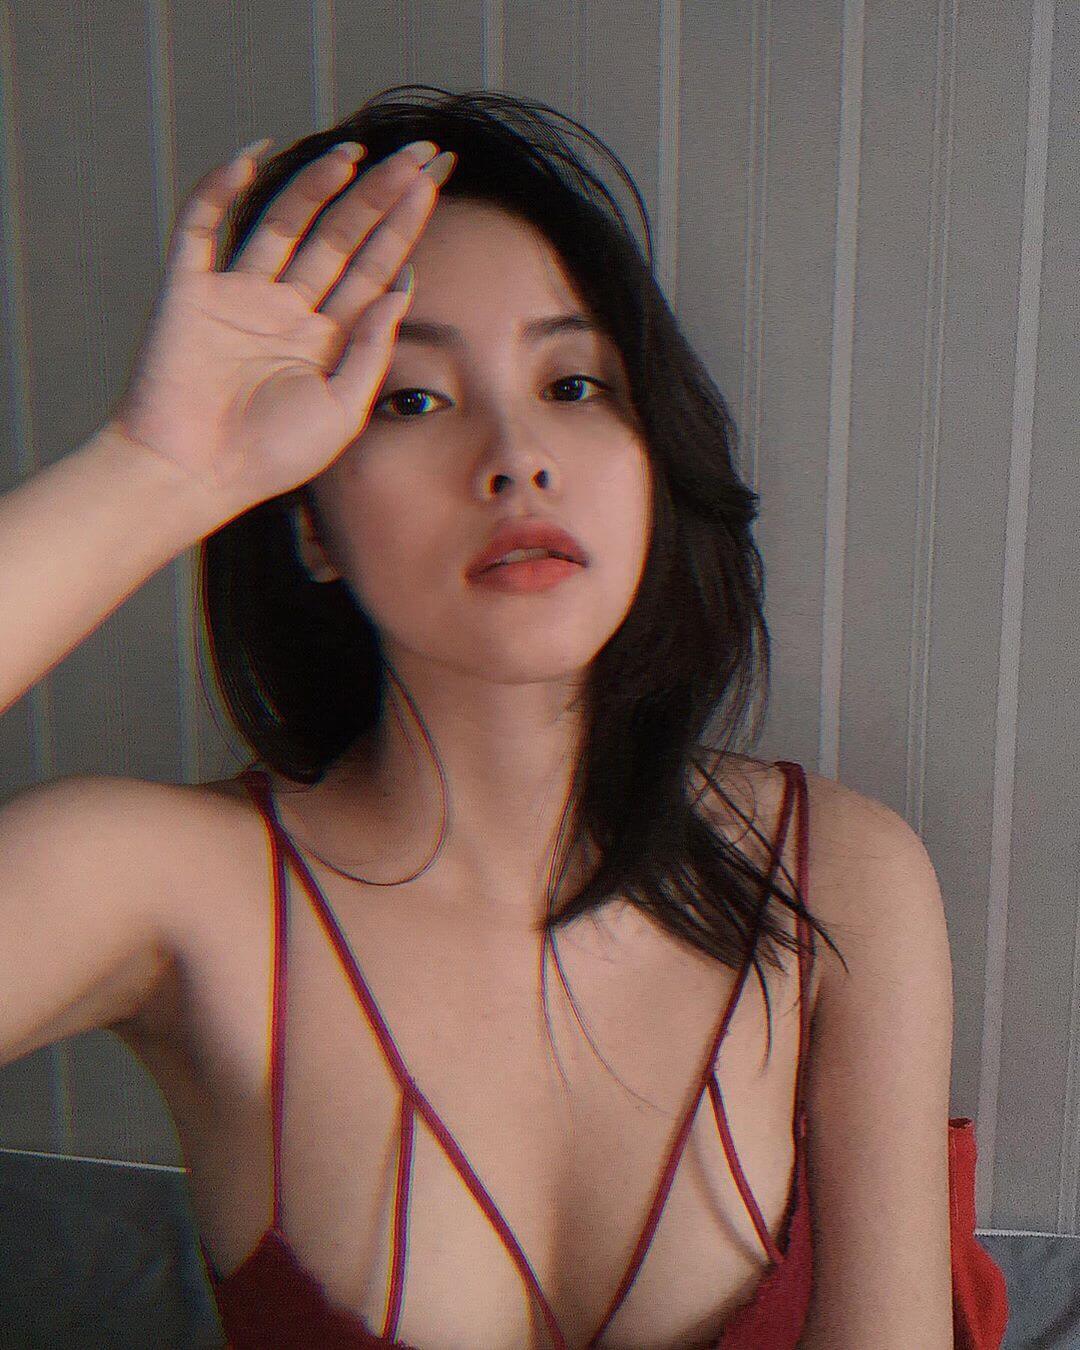 20岁越南妹子美胸丰臀好招摇,自拍美照吸睛度高超!-第3张